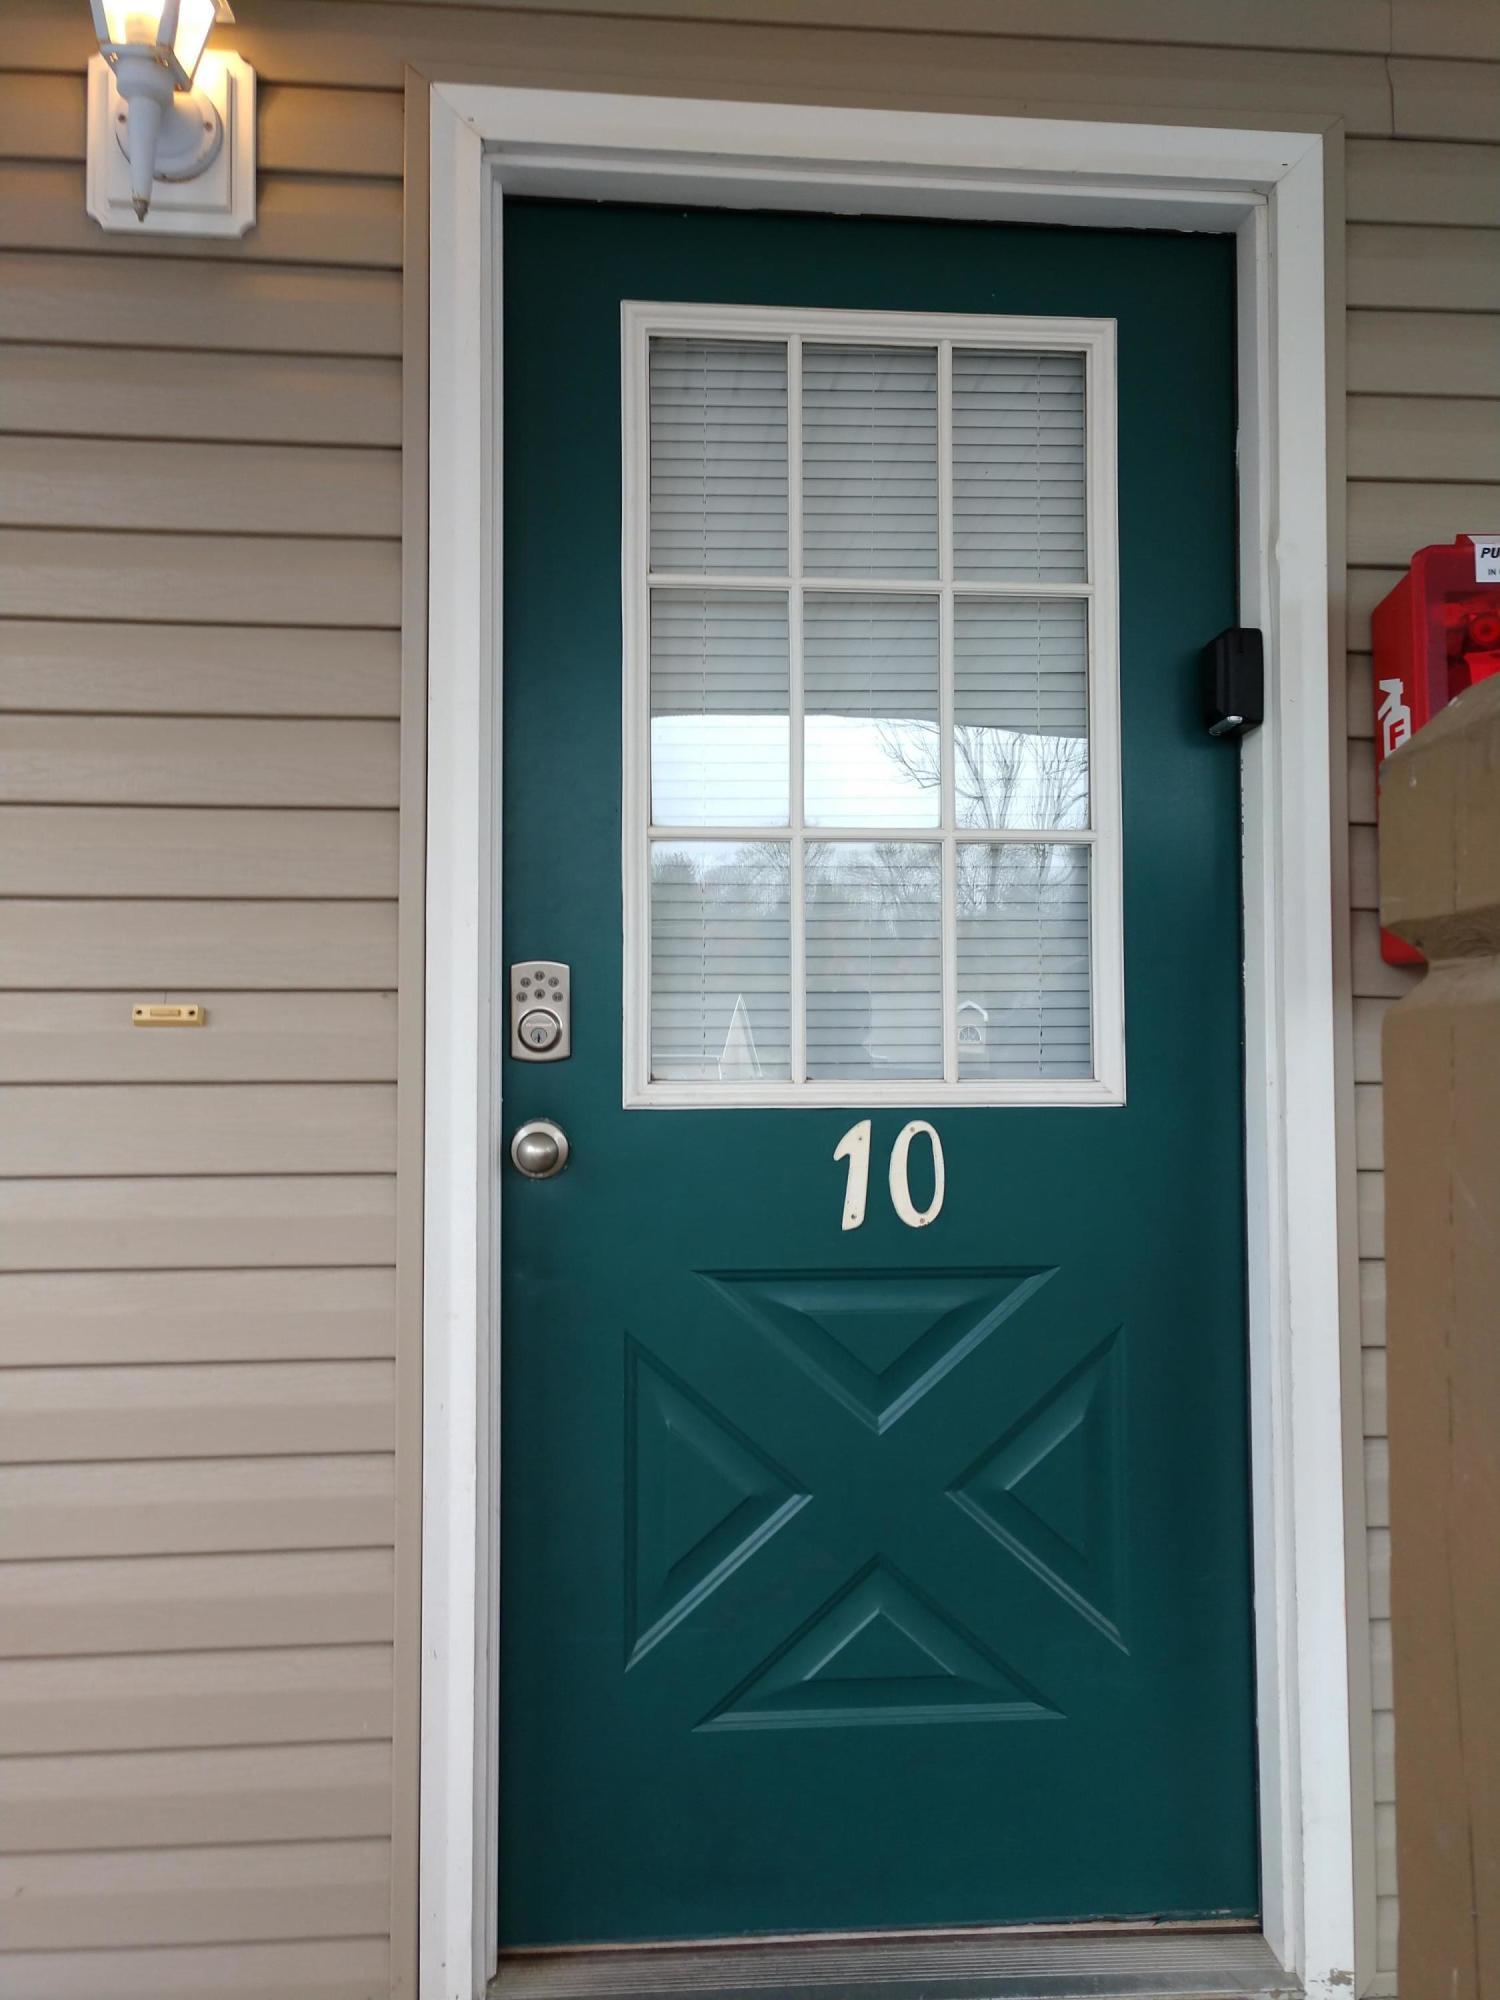 680 Fall Creek Drive #10 Branson, MO 65616